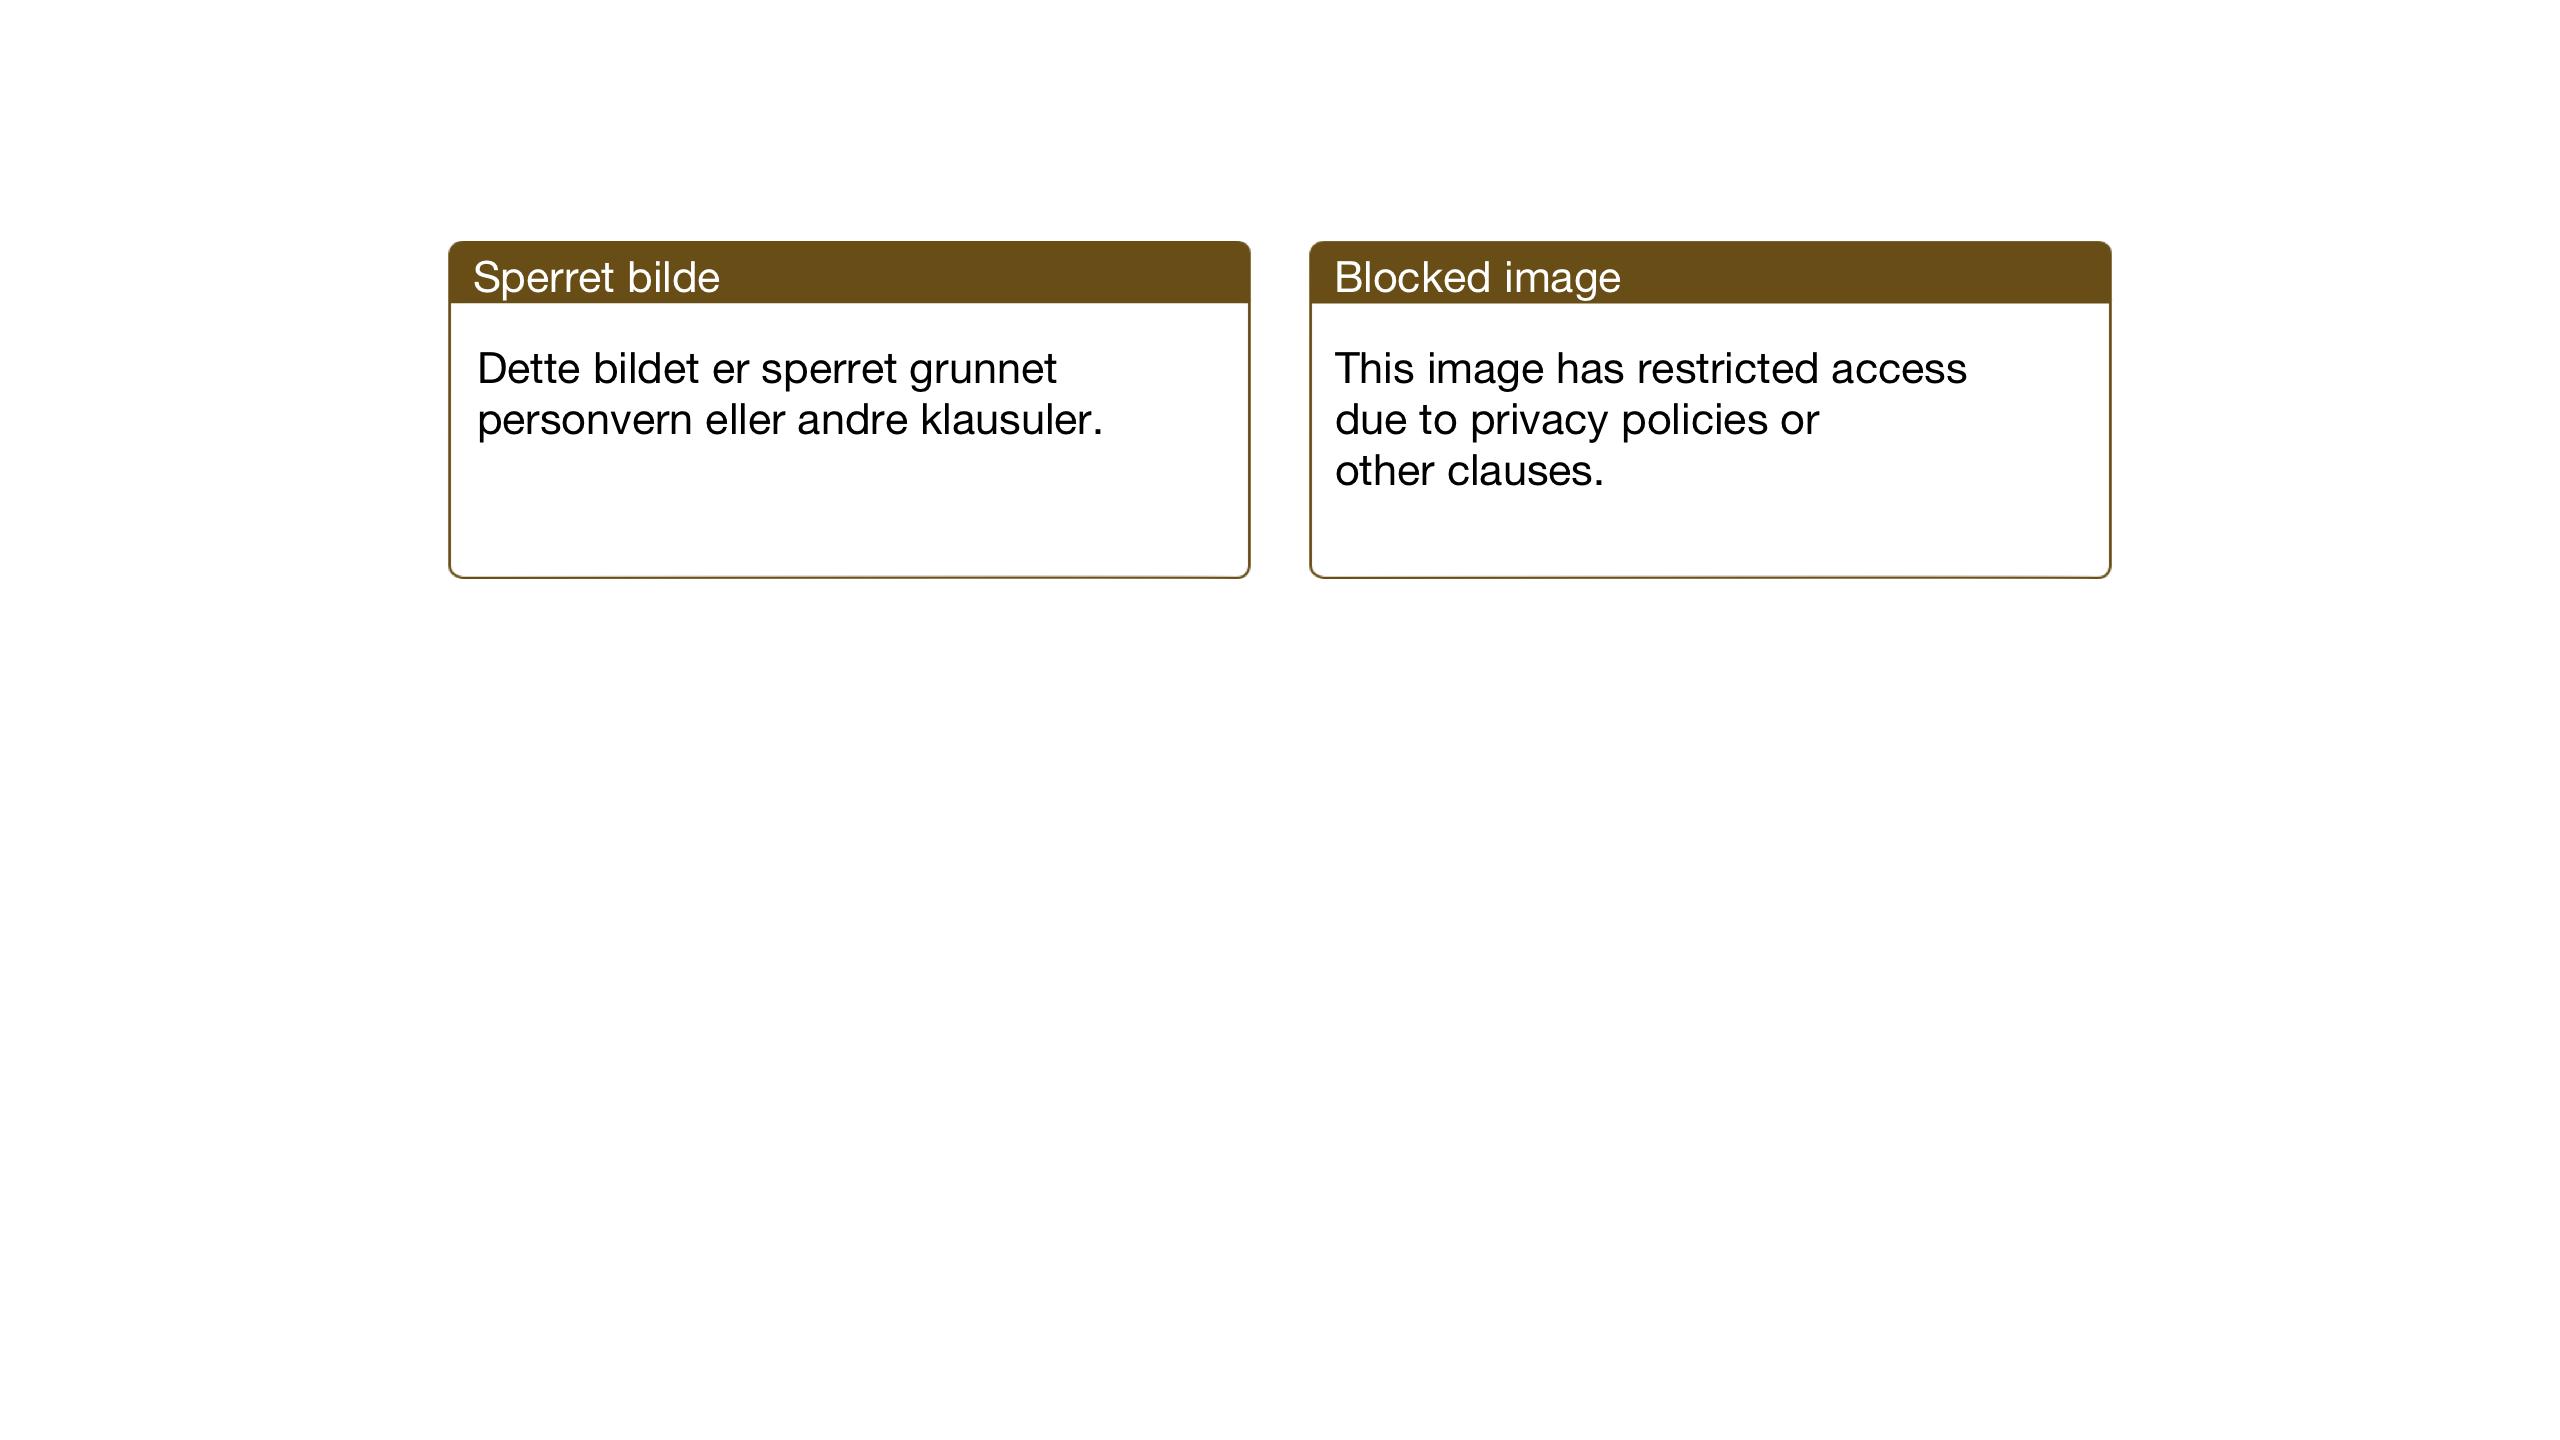 SAT, Ministerialprotokoller, klokkerbøker og fødselsregistre - Nord-Trøndelag, 740/L0383: Klokkerbok nr. 740C04, 1927-1939, s. 13